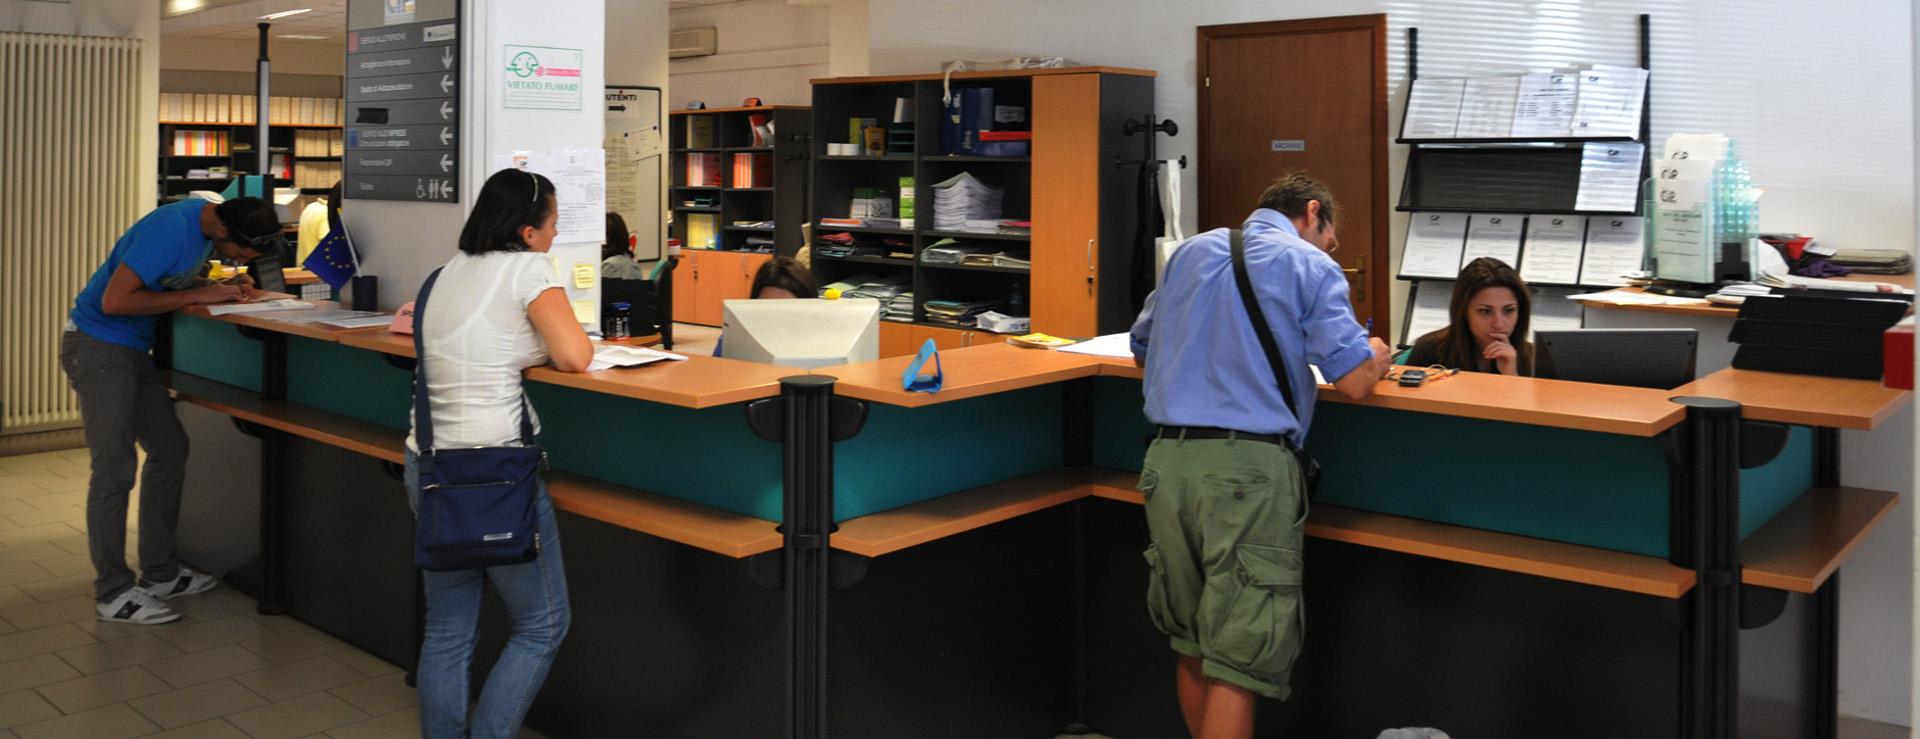 Persone in un ufficio pubblico